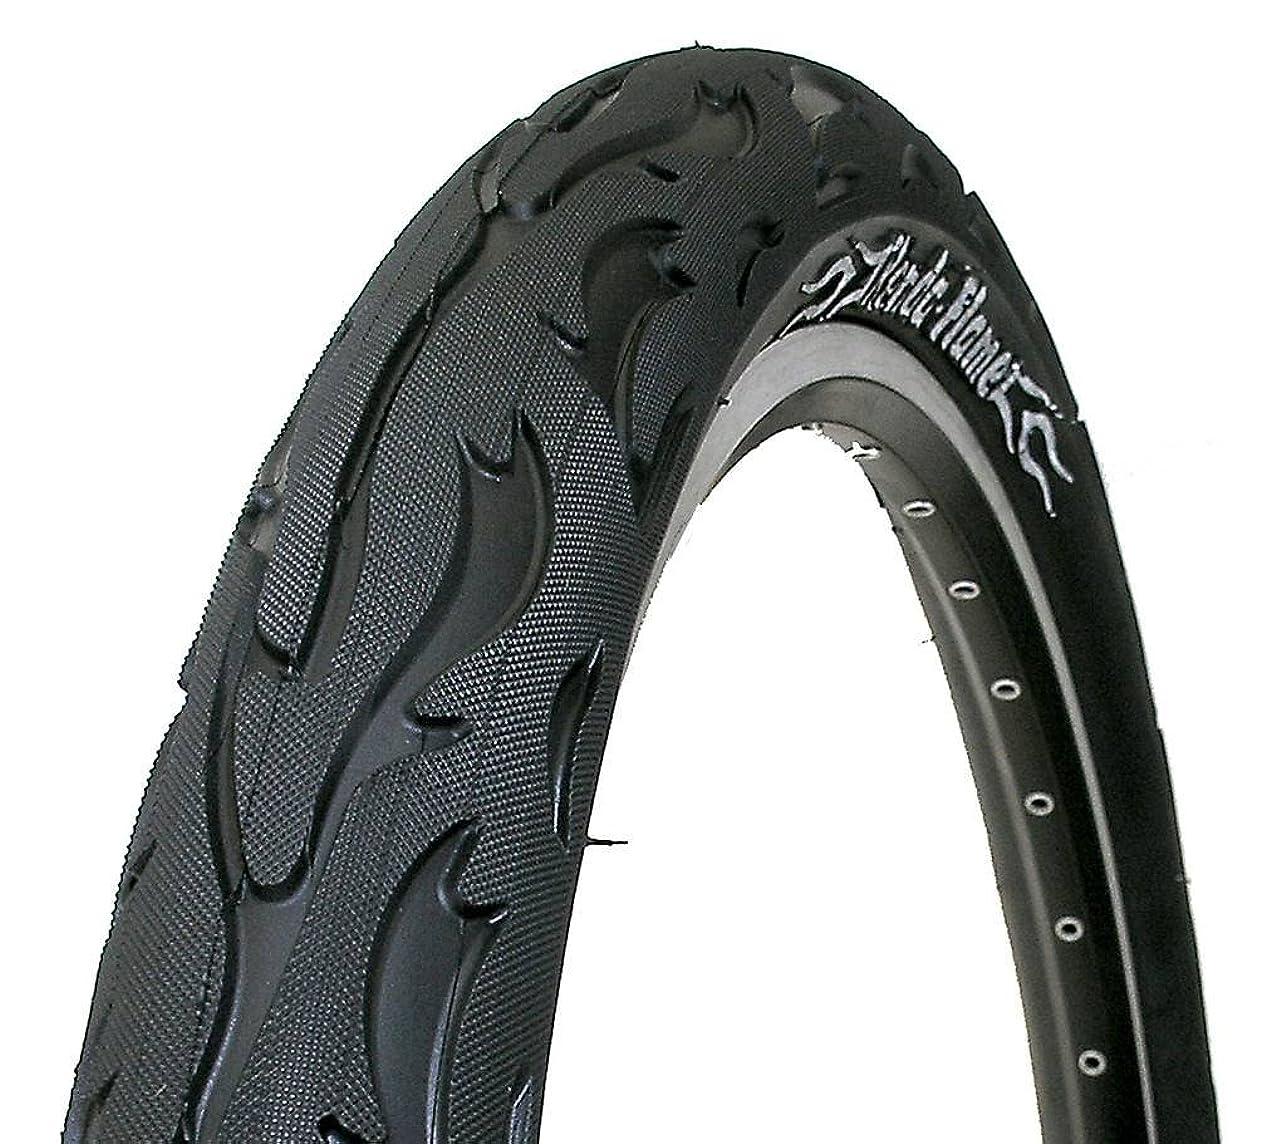 安全でないとても酸っぱいKenda フレームブラック BMX バイクタイヤ 20 x 2.25 K1008A 22TPI AA138